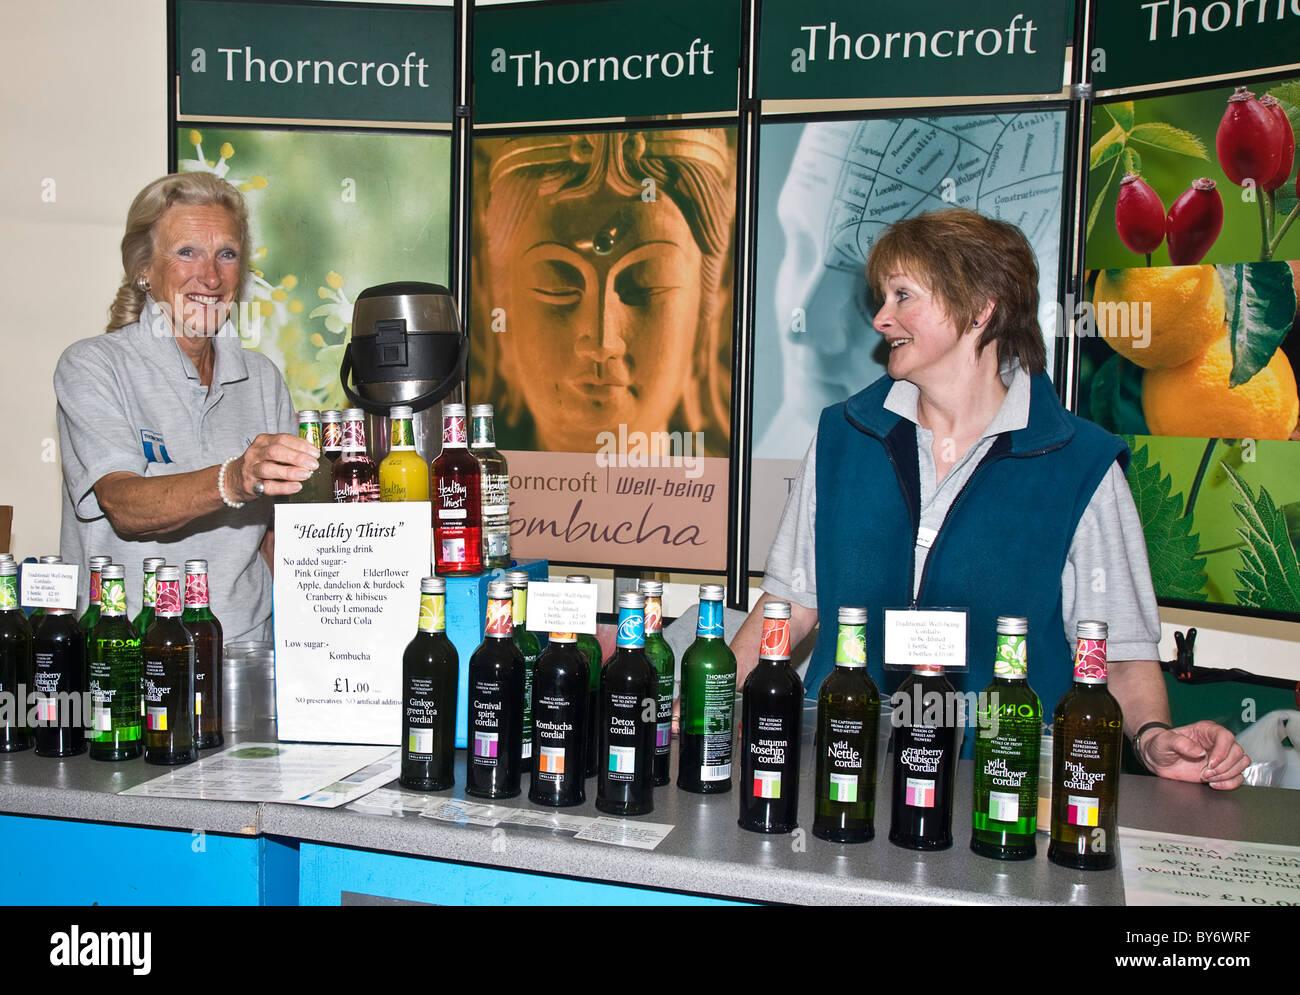 Thorncroft sciroppi presentano al festival annuale di cibo e bevande a Leyburn, North Yorkshire Immagini Stock